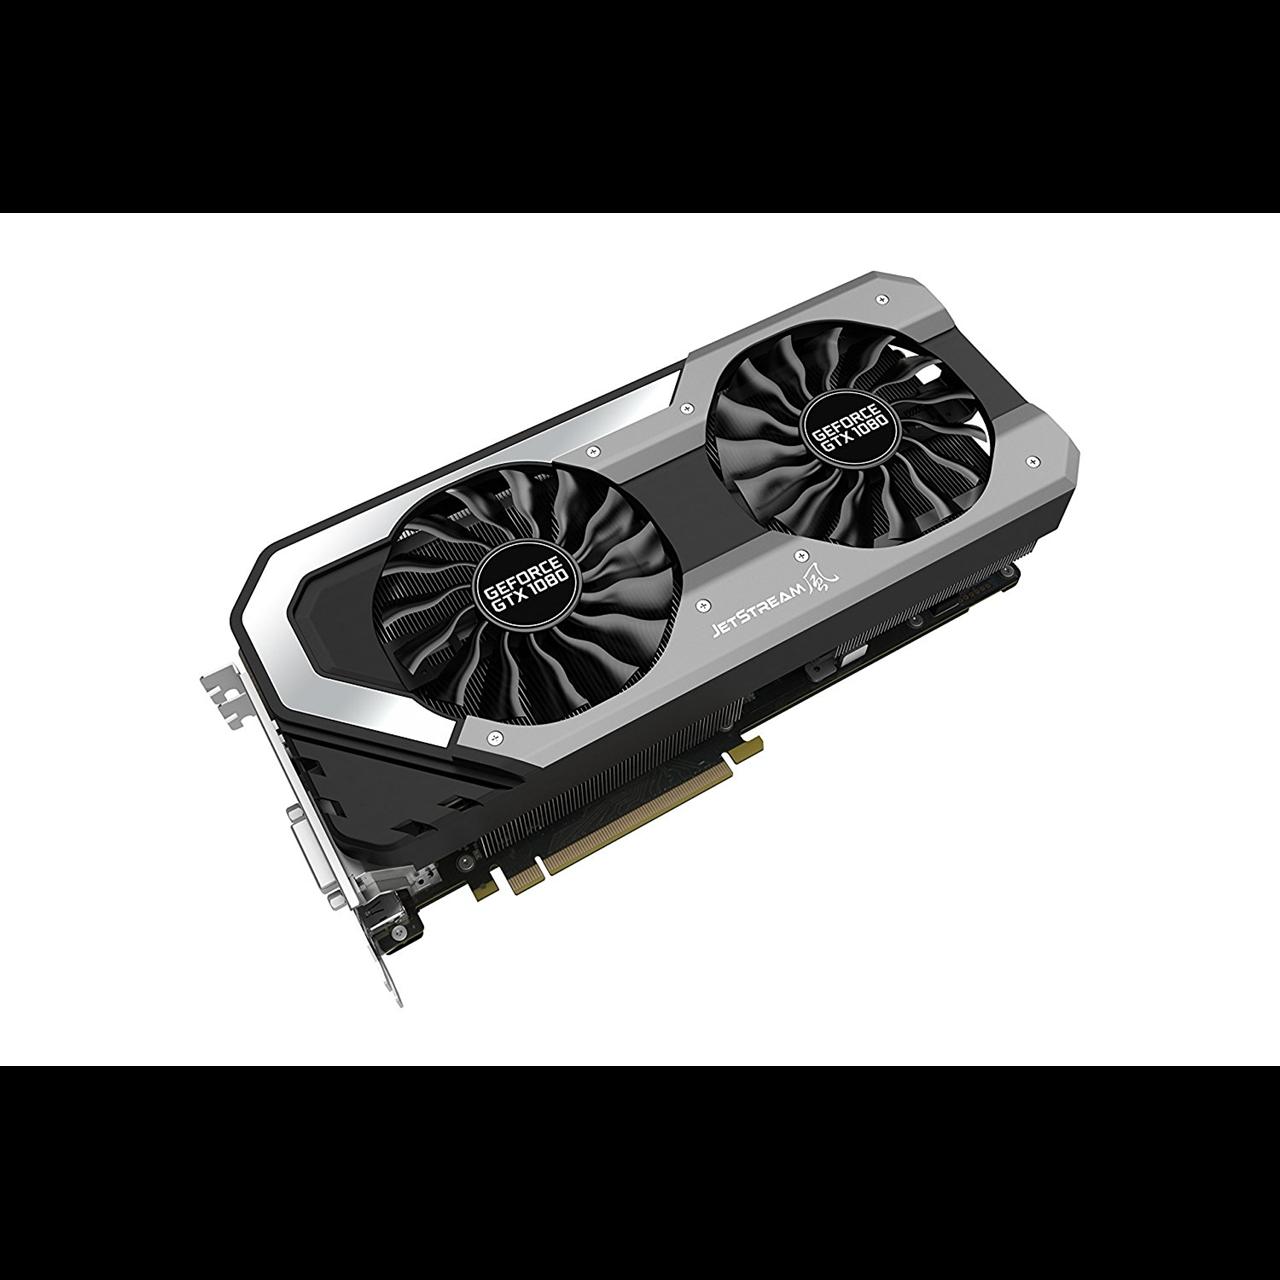 Pny gtx 1070 xlr8 oc | PNY GeForce GTX 1070 DirectX 12